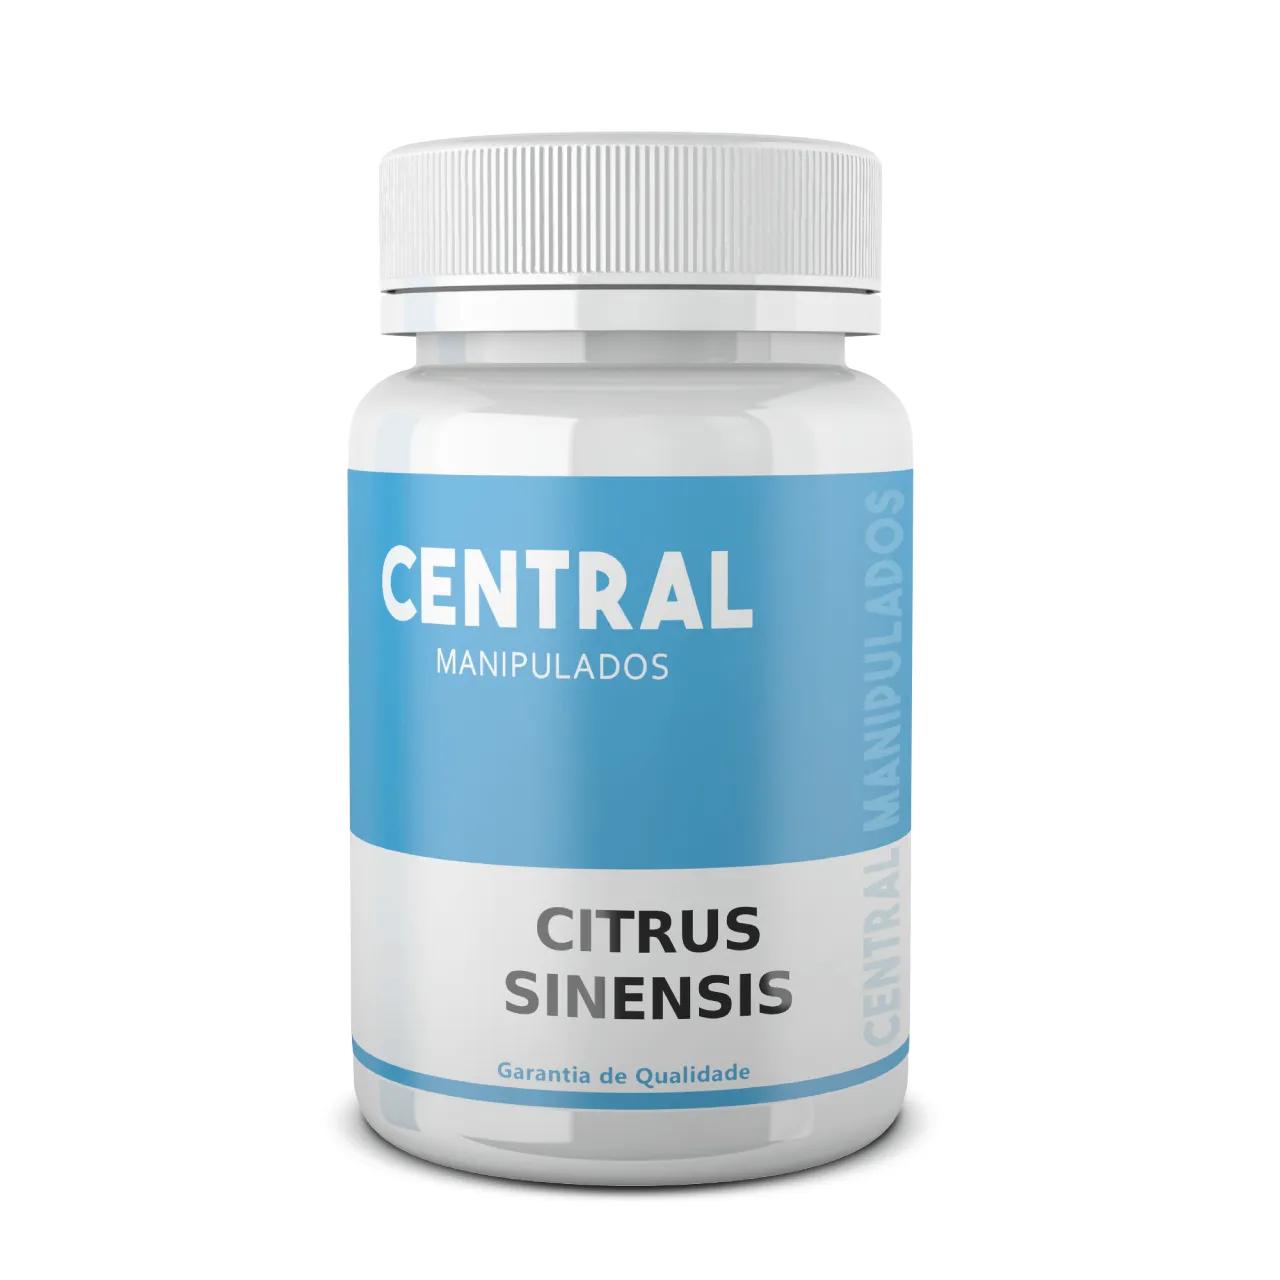 Citrus Sinensis (Laranja Moro) 500mg - 120 cápsulas - Emagrecimento, Redução do colesterol e triglicerídeos